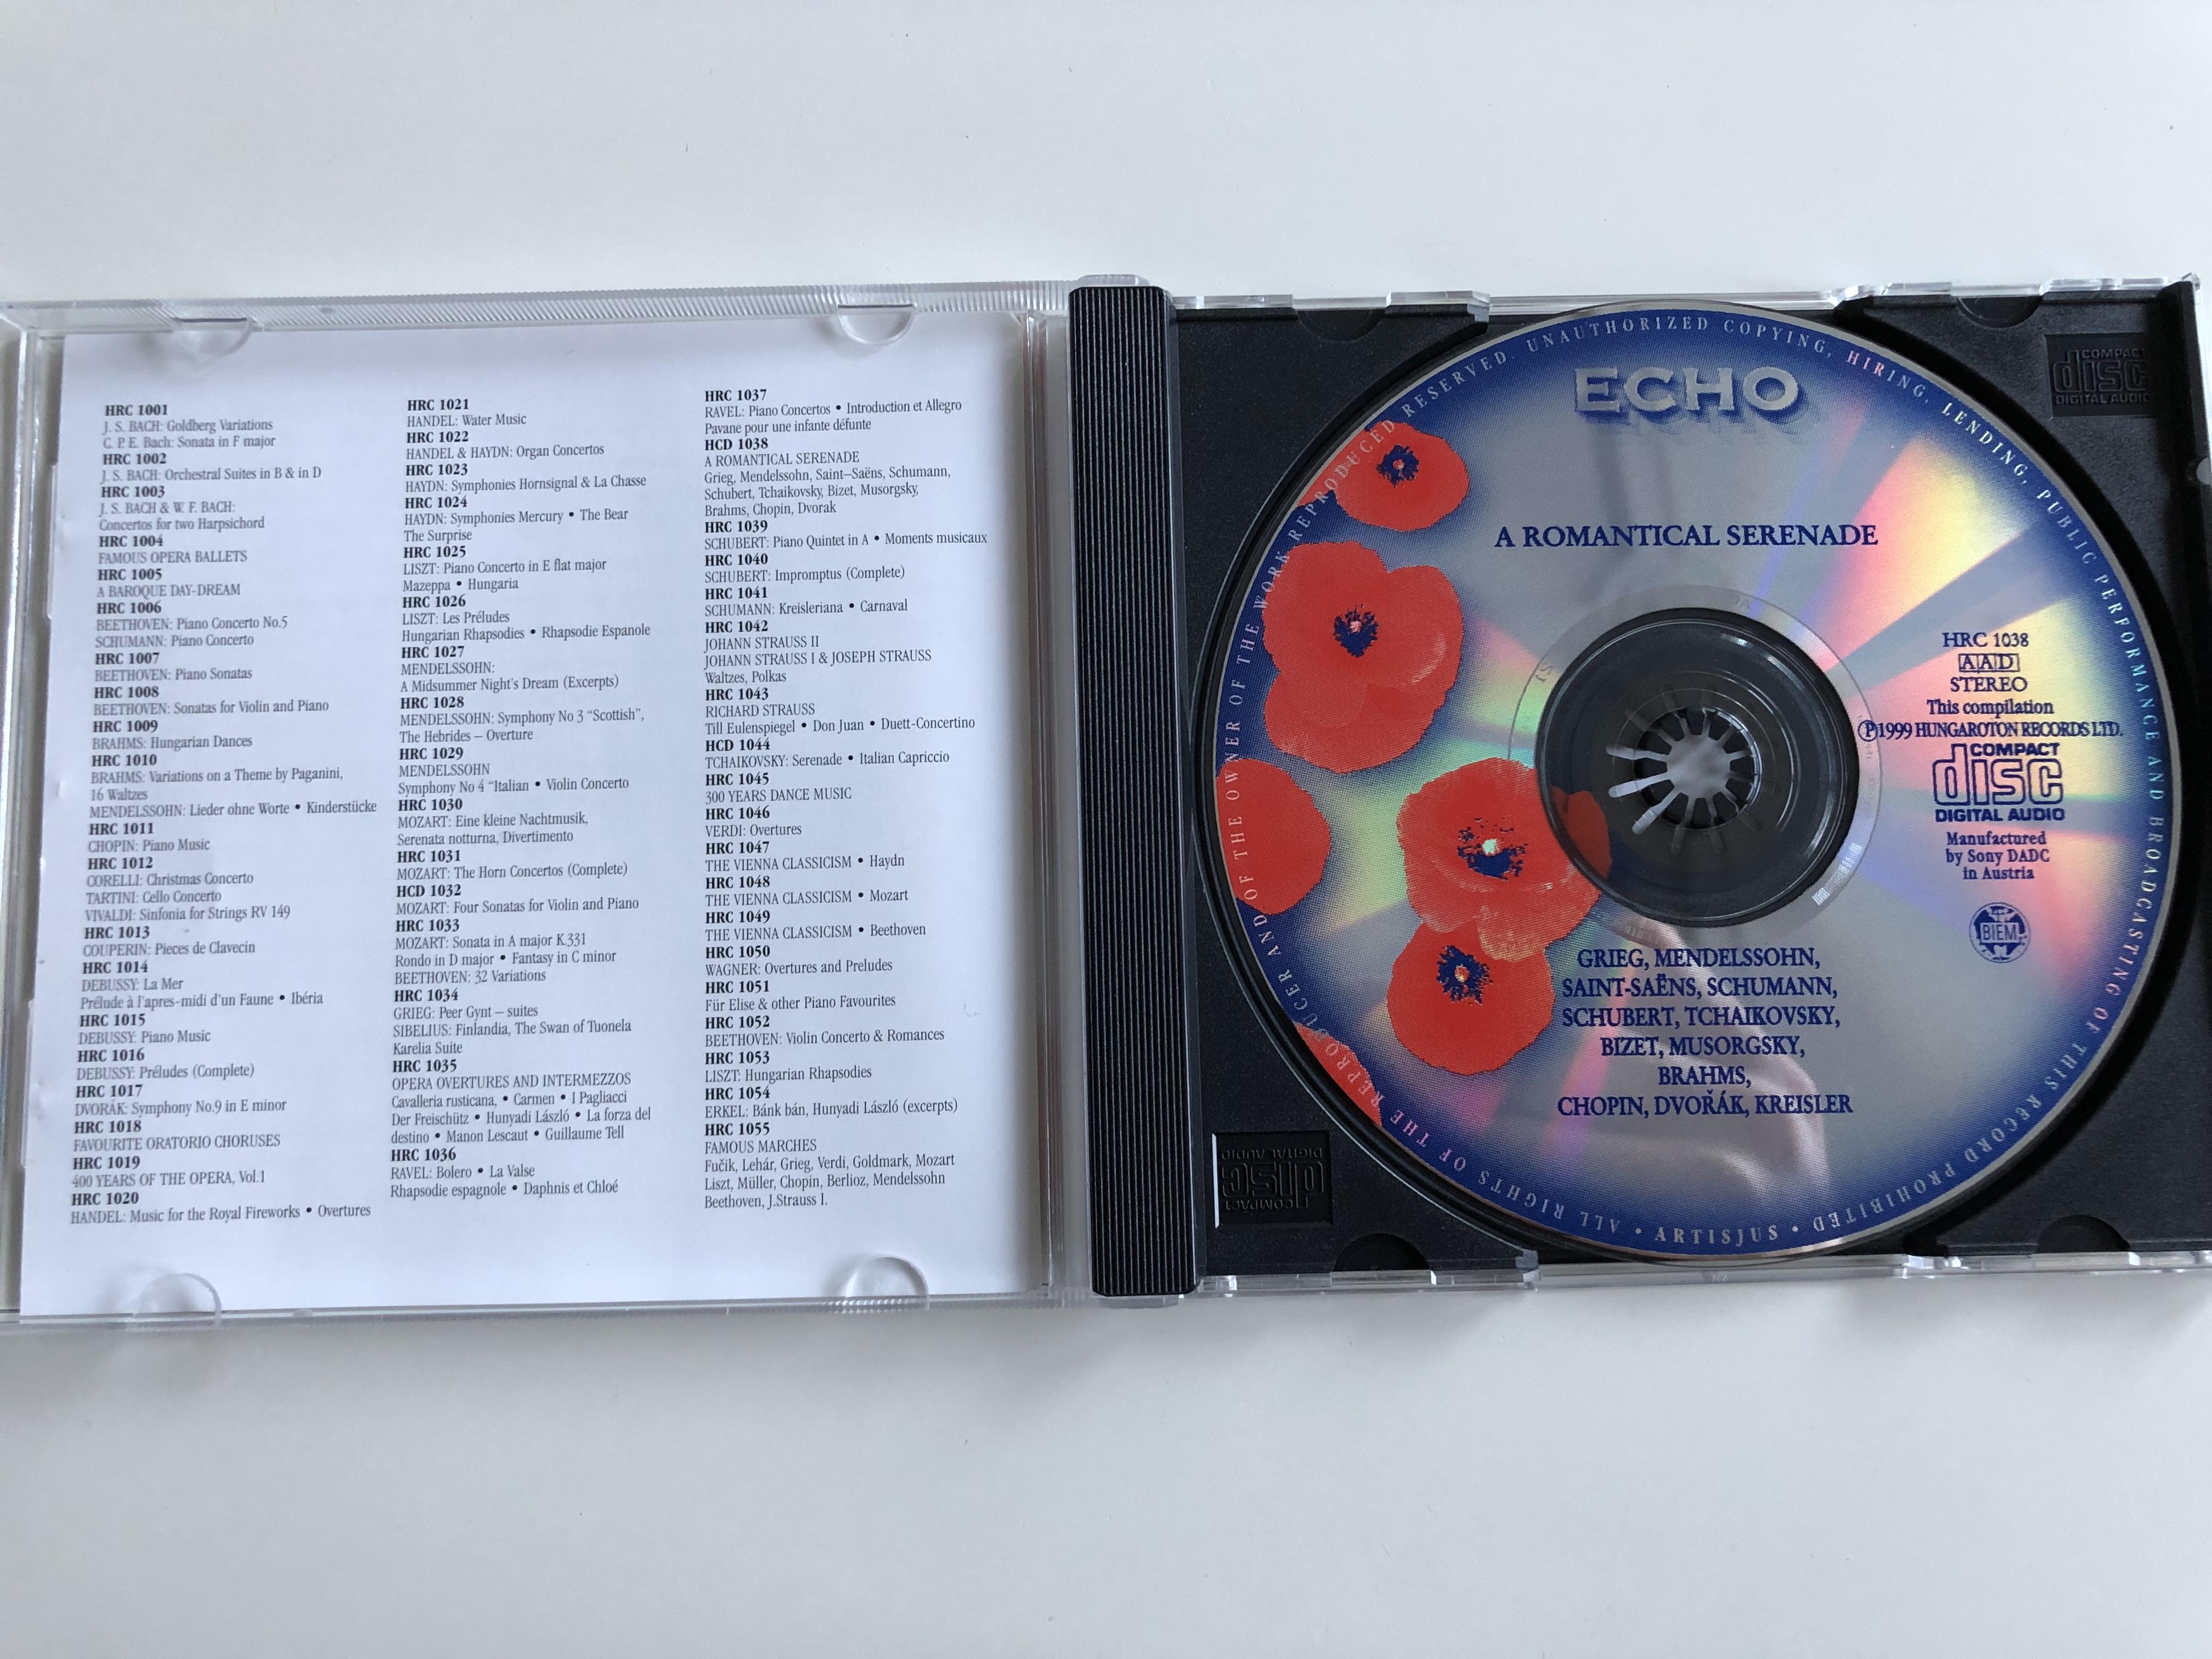 a-romantical-serenade-grieg-mendelssohn-saint-saens-schumann-schubert-tchaikovsky-bizet-brahms-musorgsky-chopin-dvorak-kreisler-hungaroton-audio-cd-1999-stereo-hrc-1038-4-.jpg